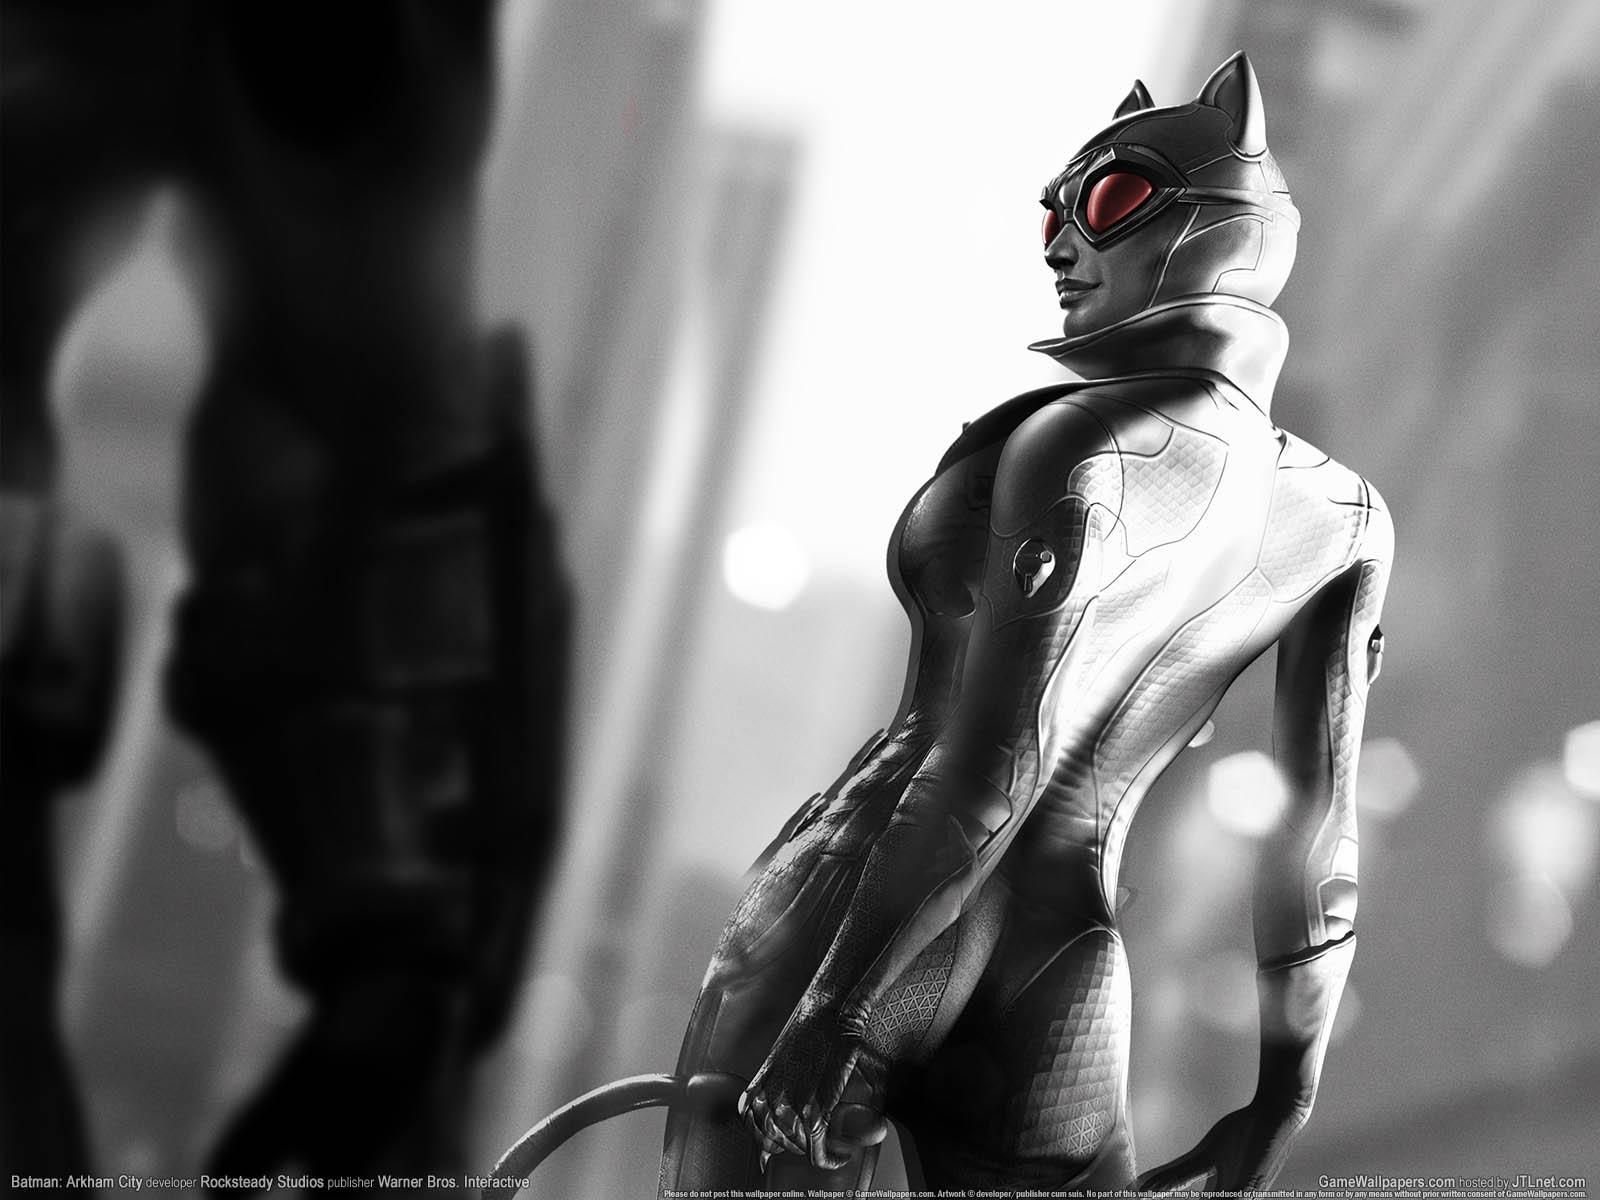 Batman: Arkham Cityνmmer=06 achtergrond  1600x1200